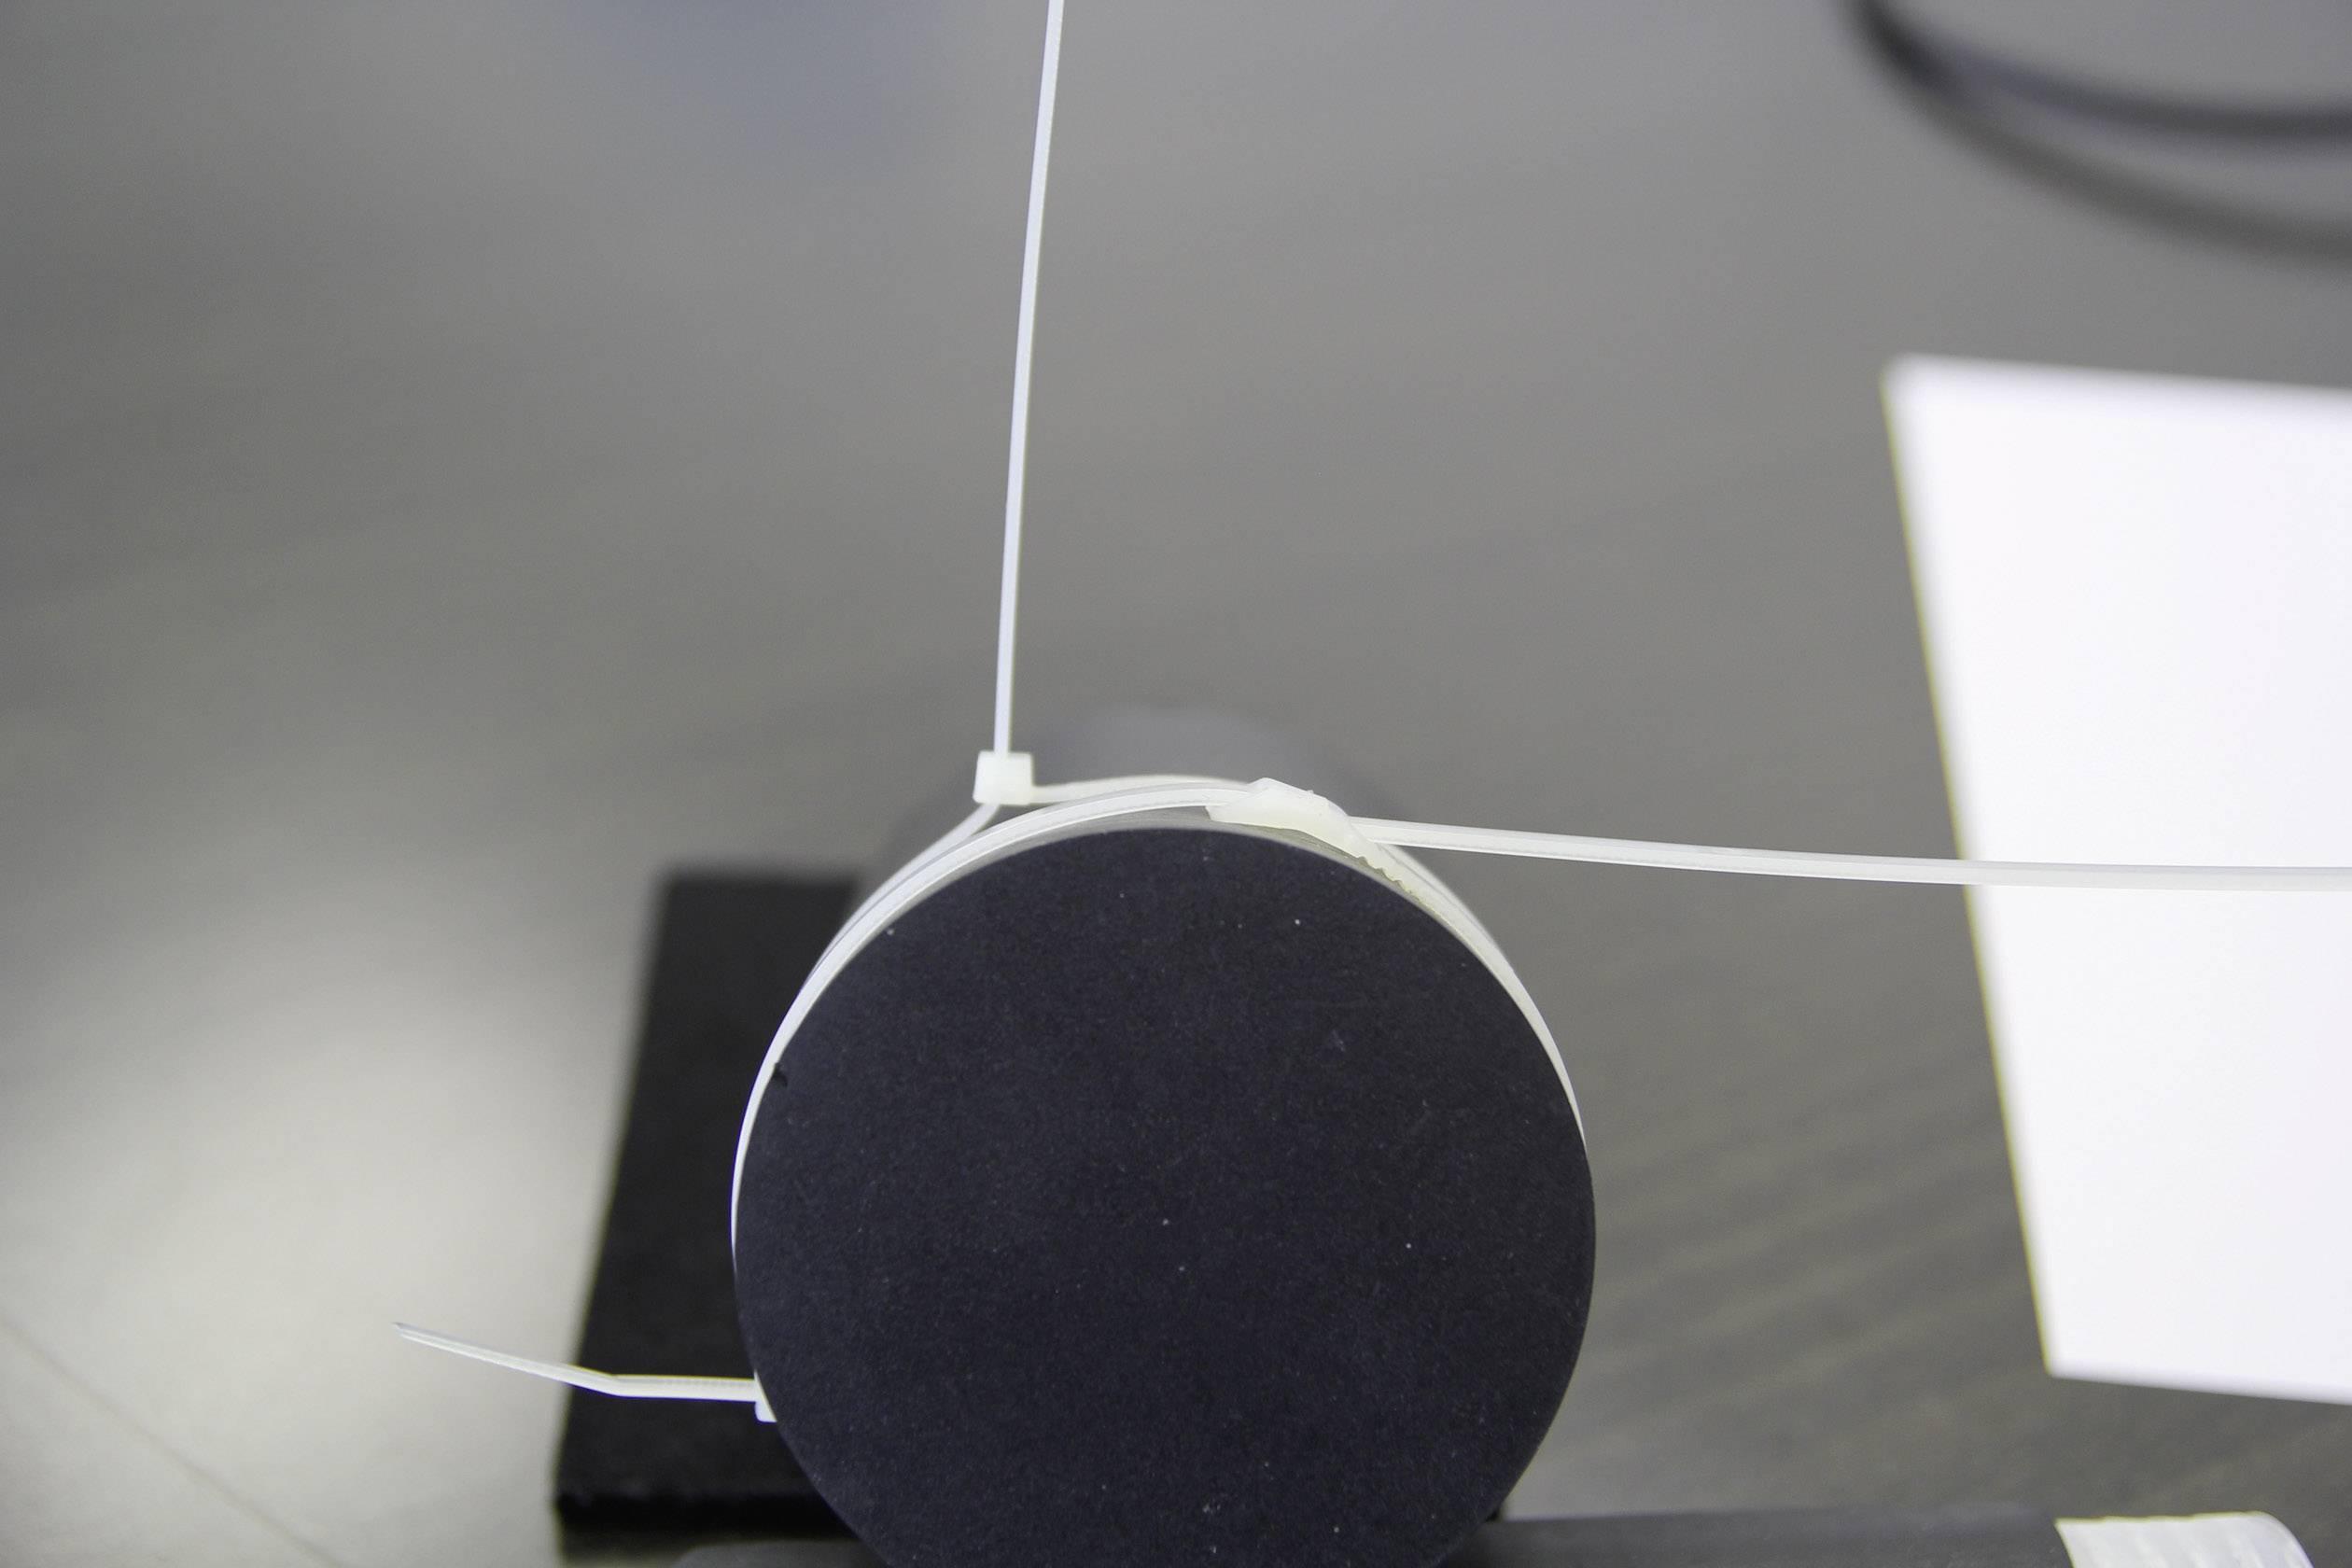 Kabelska vezica s ploščatim profilom (D x Š) 406 mm x 7.6 mm naravna barva, 25 St. PB Fastener